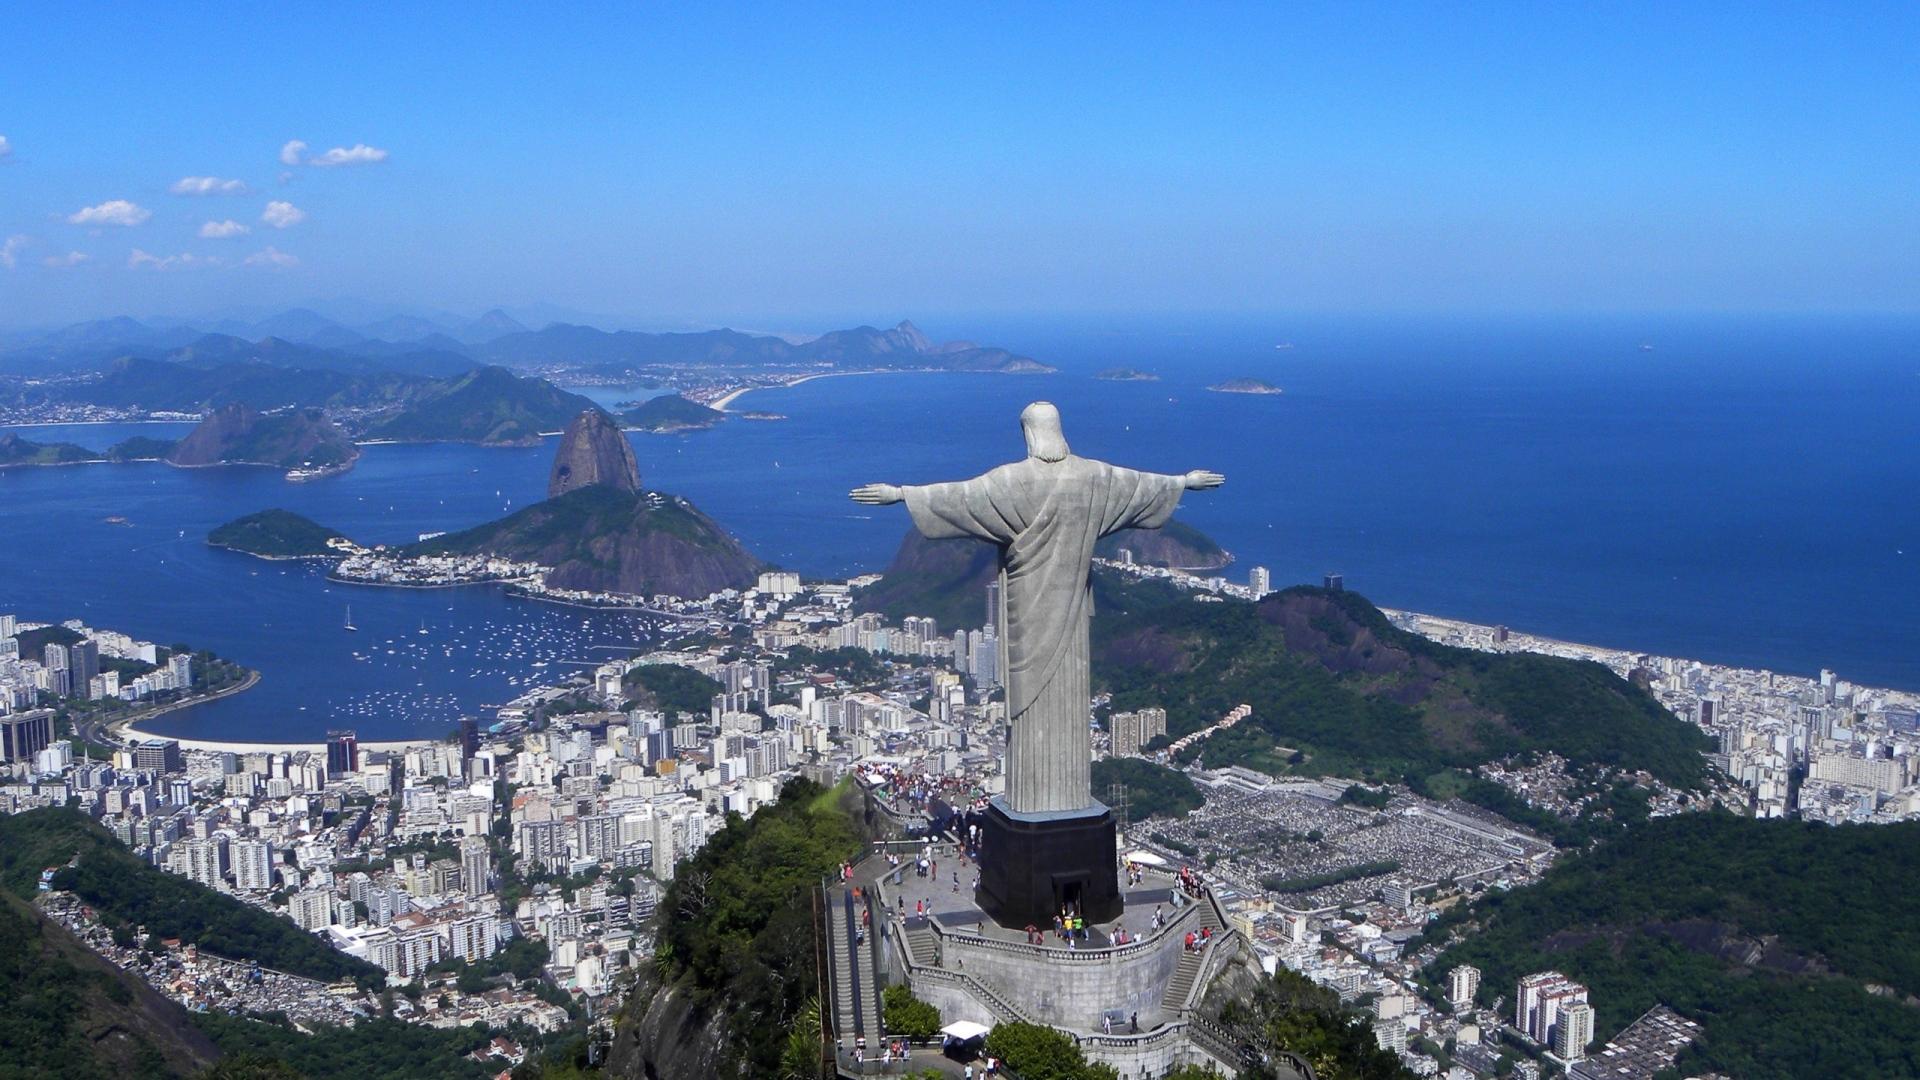 brazil_rio_de_janeiro_christ_the_redeemer_top_view_25377_1920x1080.jpg